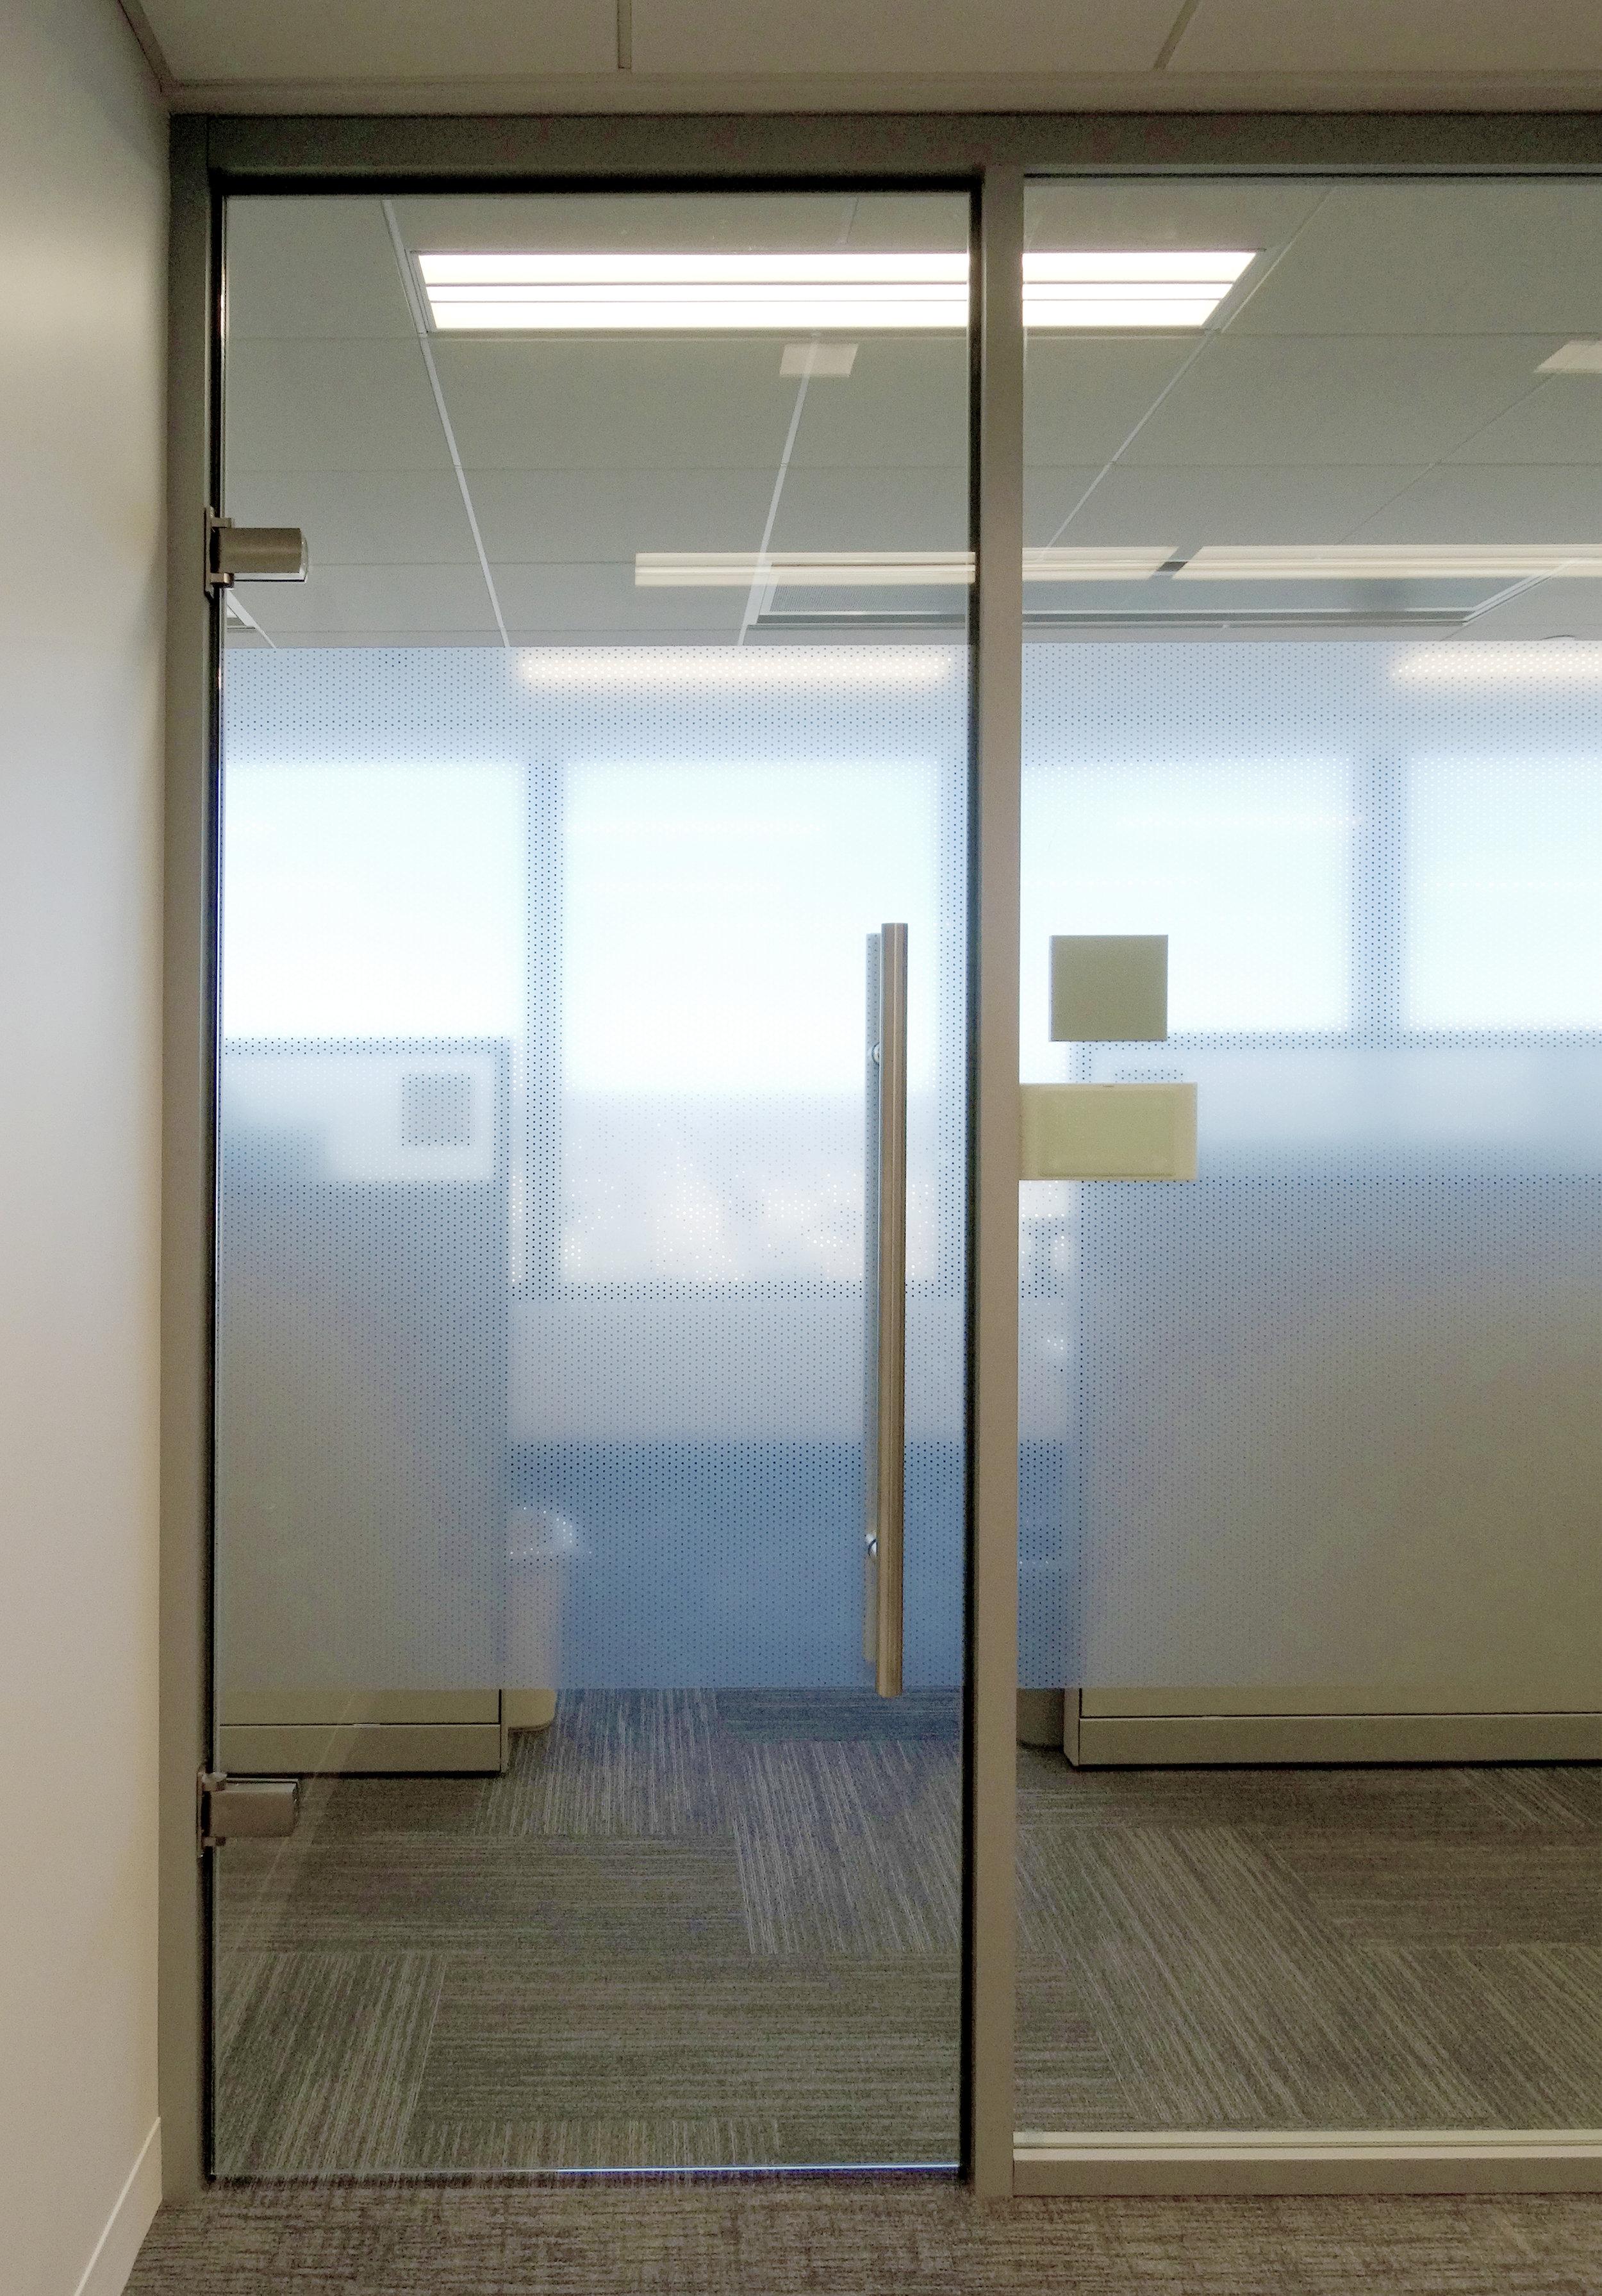 Litespace Frameless Glass Swing Door Ladder Pull - Spaceworks AI.jpg